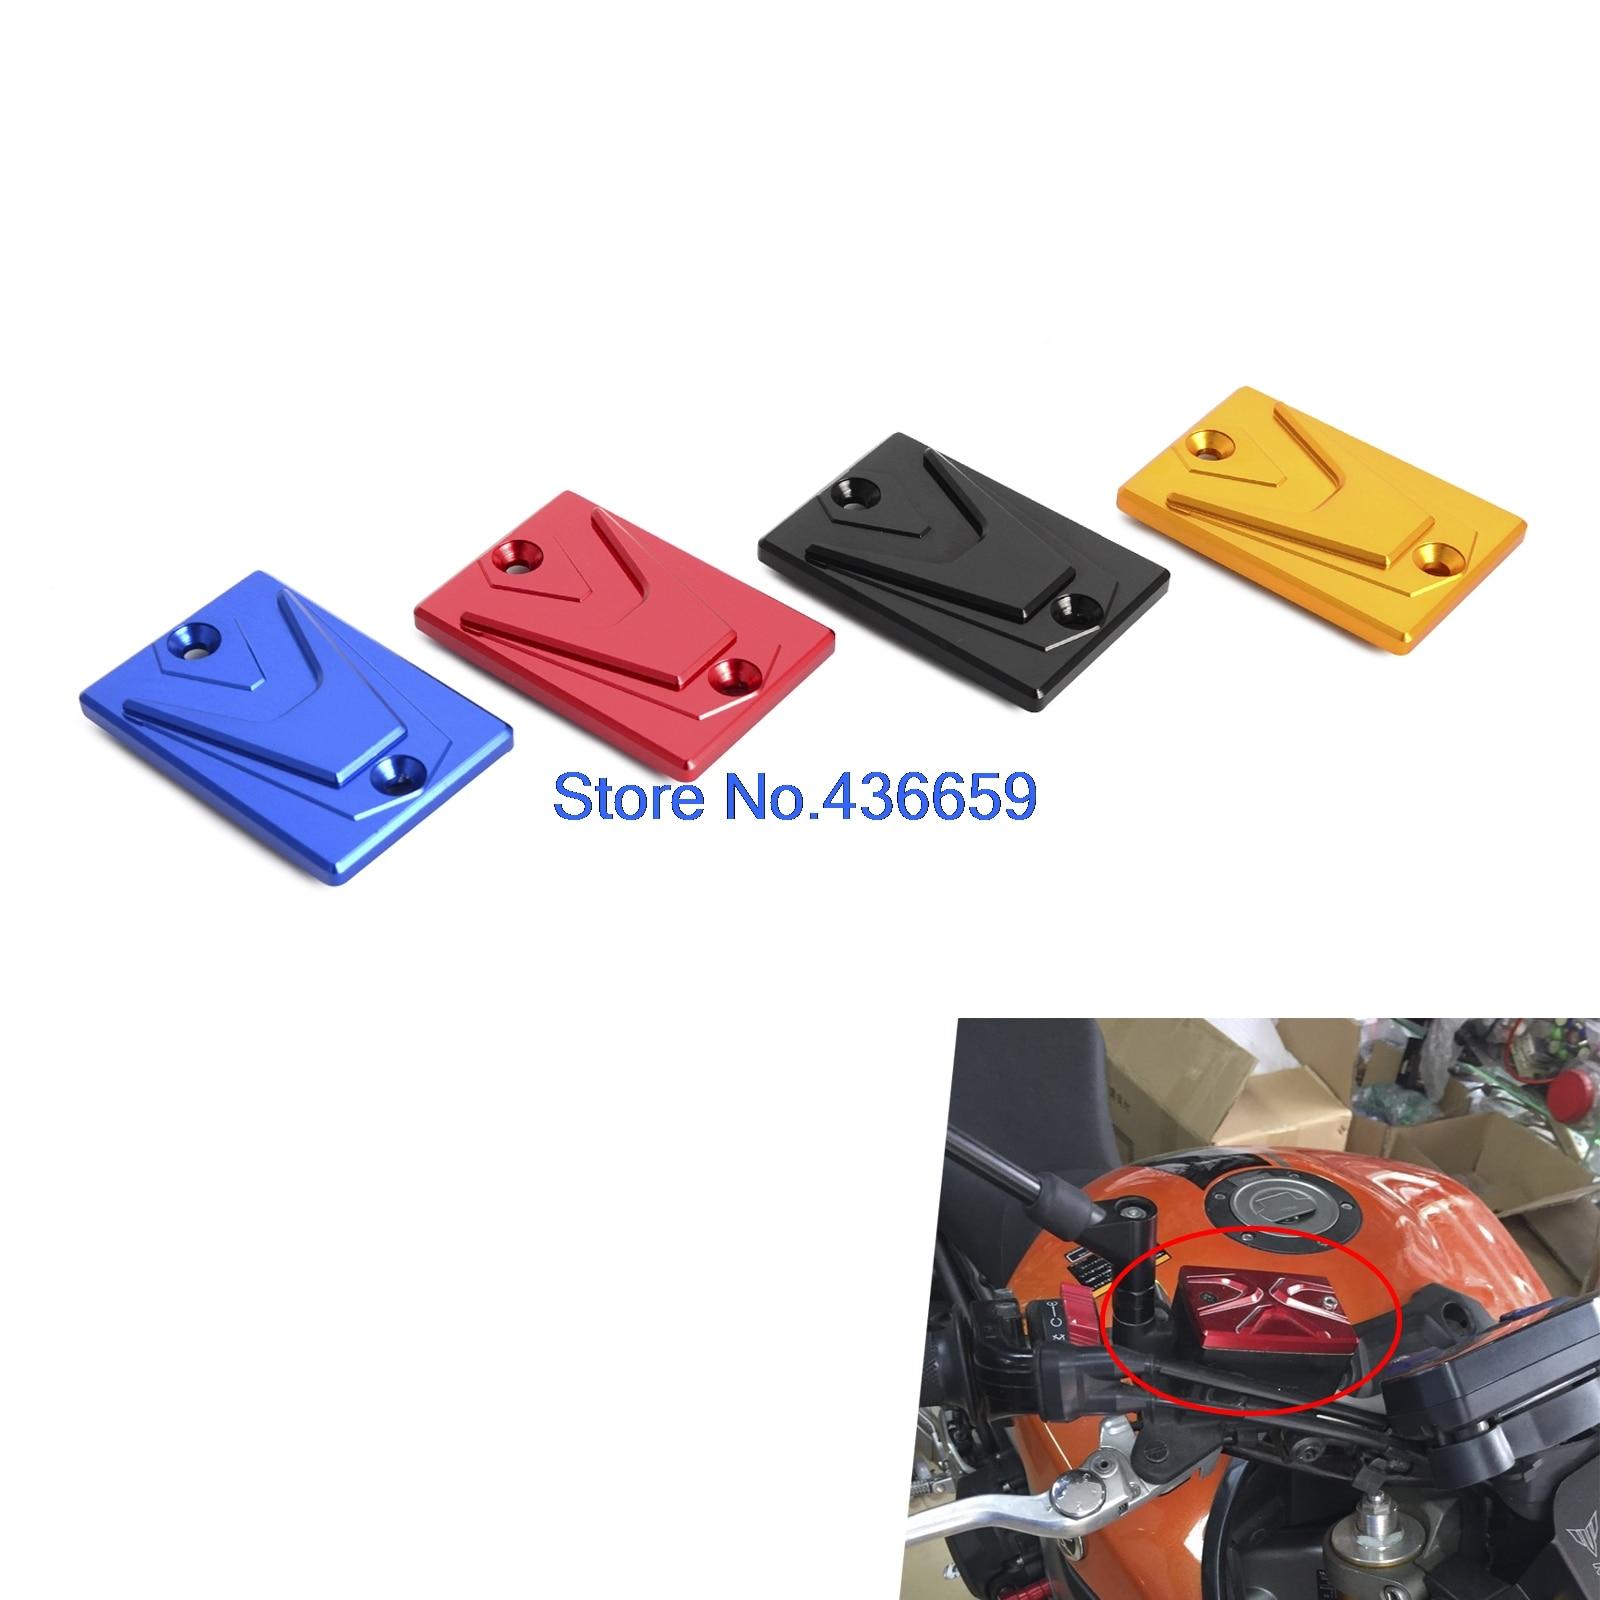 CNC Front Brake Master Cylinder Fluid Reservoir Cover Cap For Yamaha FJR1300 FJR1300A 03-05 FZ6N FZ6S FZ-6N FZ-6S 04-05